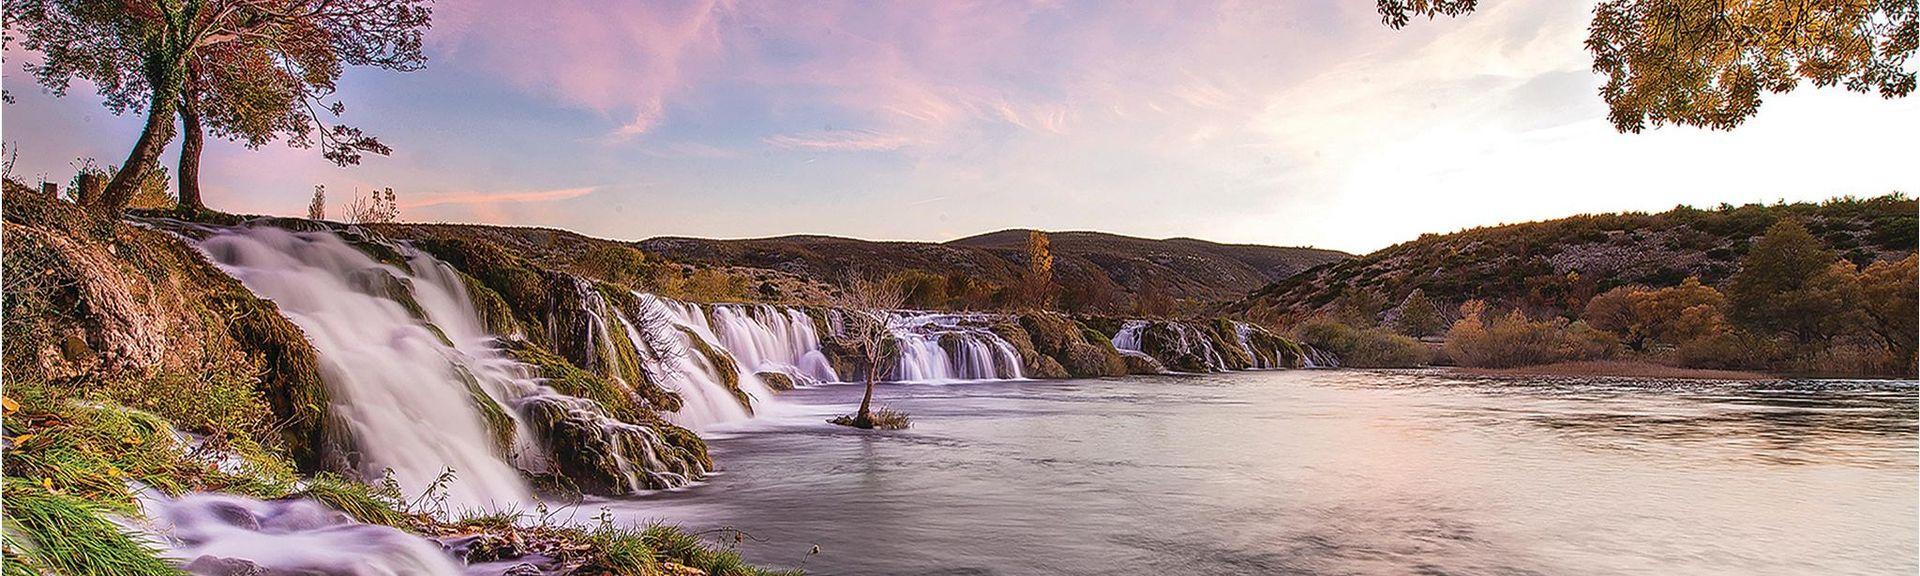 Vodices hamn, Vodice, Sibenik-Knin, Kroatien